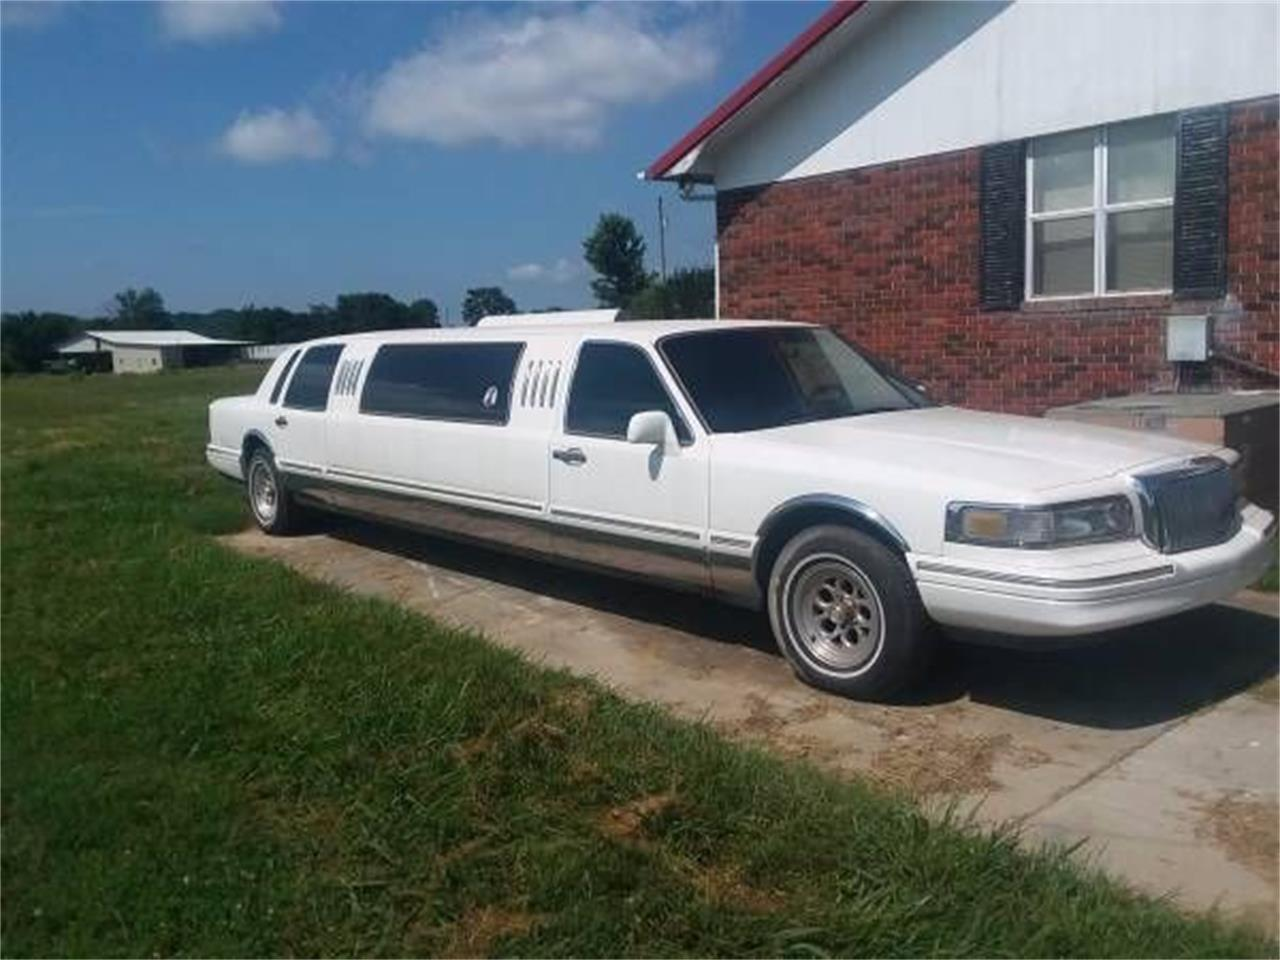 Limousine For Sale >> 1997 Lincoln Limousine For Sale Classiccars Com Cc 1151381